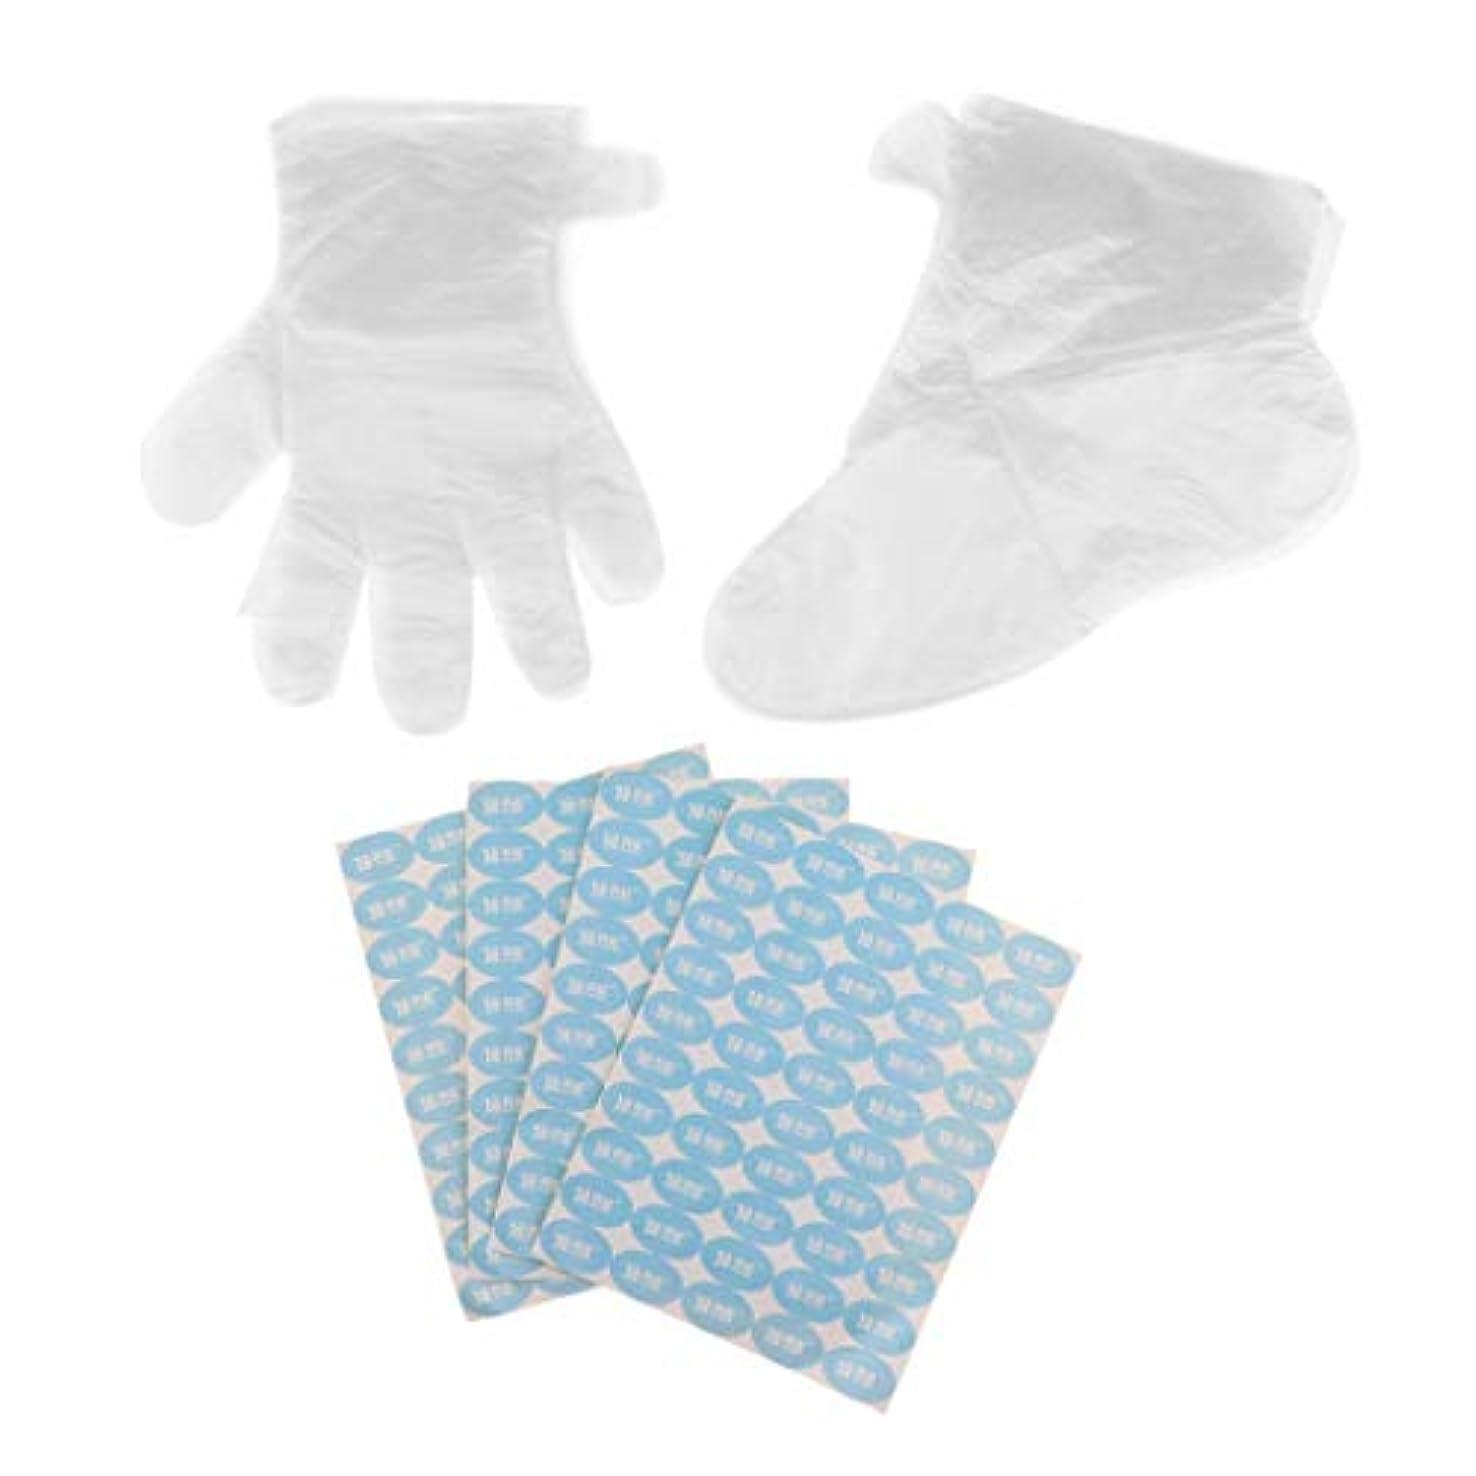 声を出してバイバイ西部D DOLITY 使い捨て手袋 ハンドカバー 使い捨てフットカバー 手足のサビース用 2-3シートステッカー付 200個入